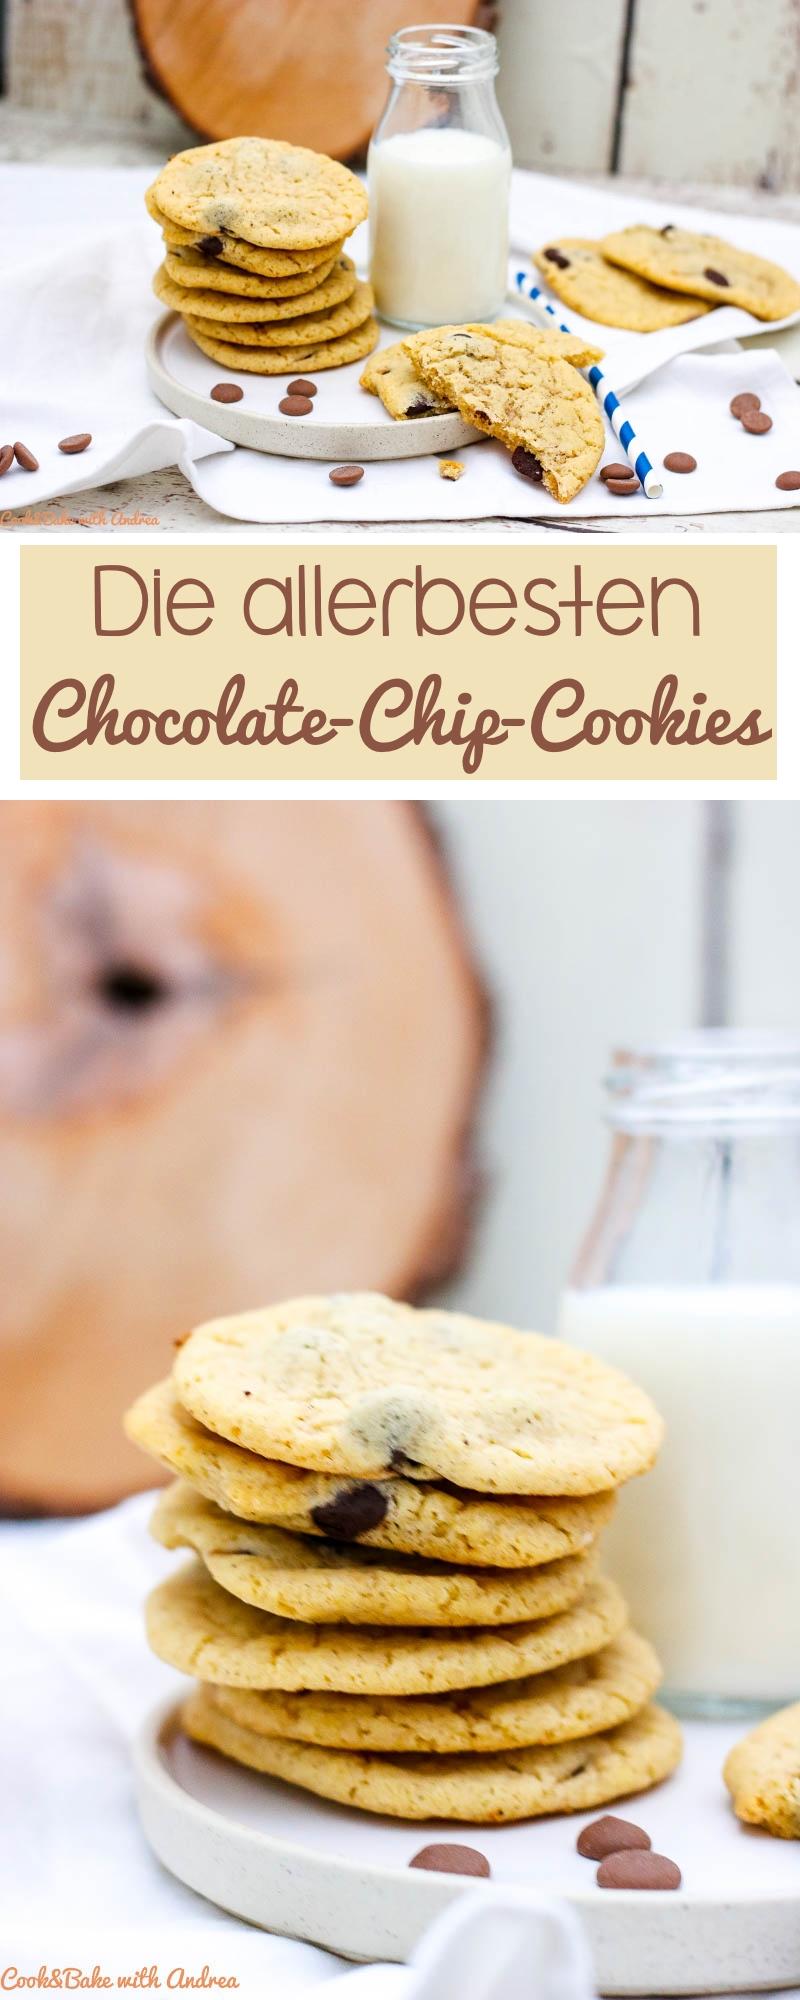 Mein Kindheitstraum: das perfekte Rezept für Chocolate-Chip-Cookies, wie man sie aus amerikanischen Rezepten kennt. Nach einigem Rumprobieren habe ich es vermutlich endlich geschafft. Das Rezept gibt es bei Cook and Bake with Andrea.